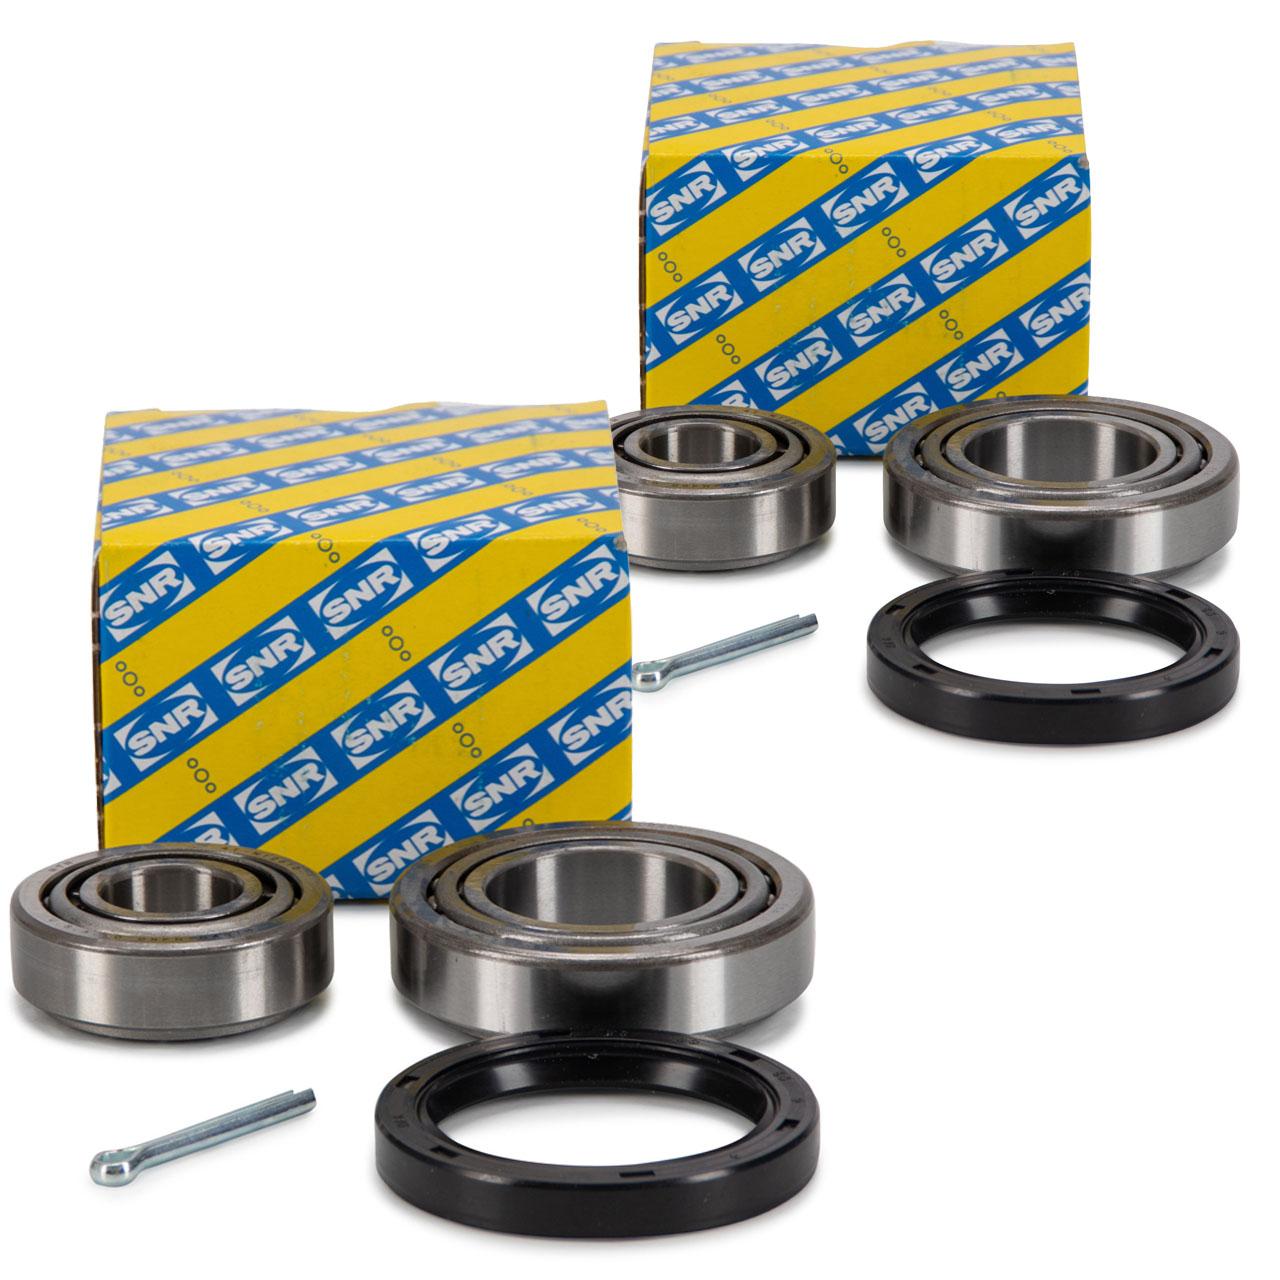 2x SNR R140.34 Radlagersatz HYUNDAI H-1 / Starex H100 MITSUBISHI L 200 L 300 L 400 vorne